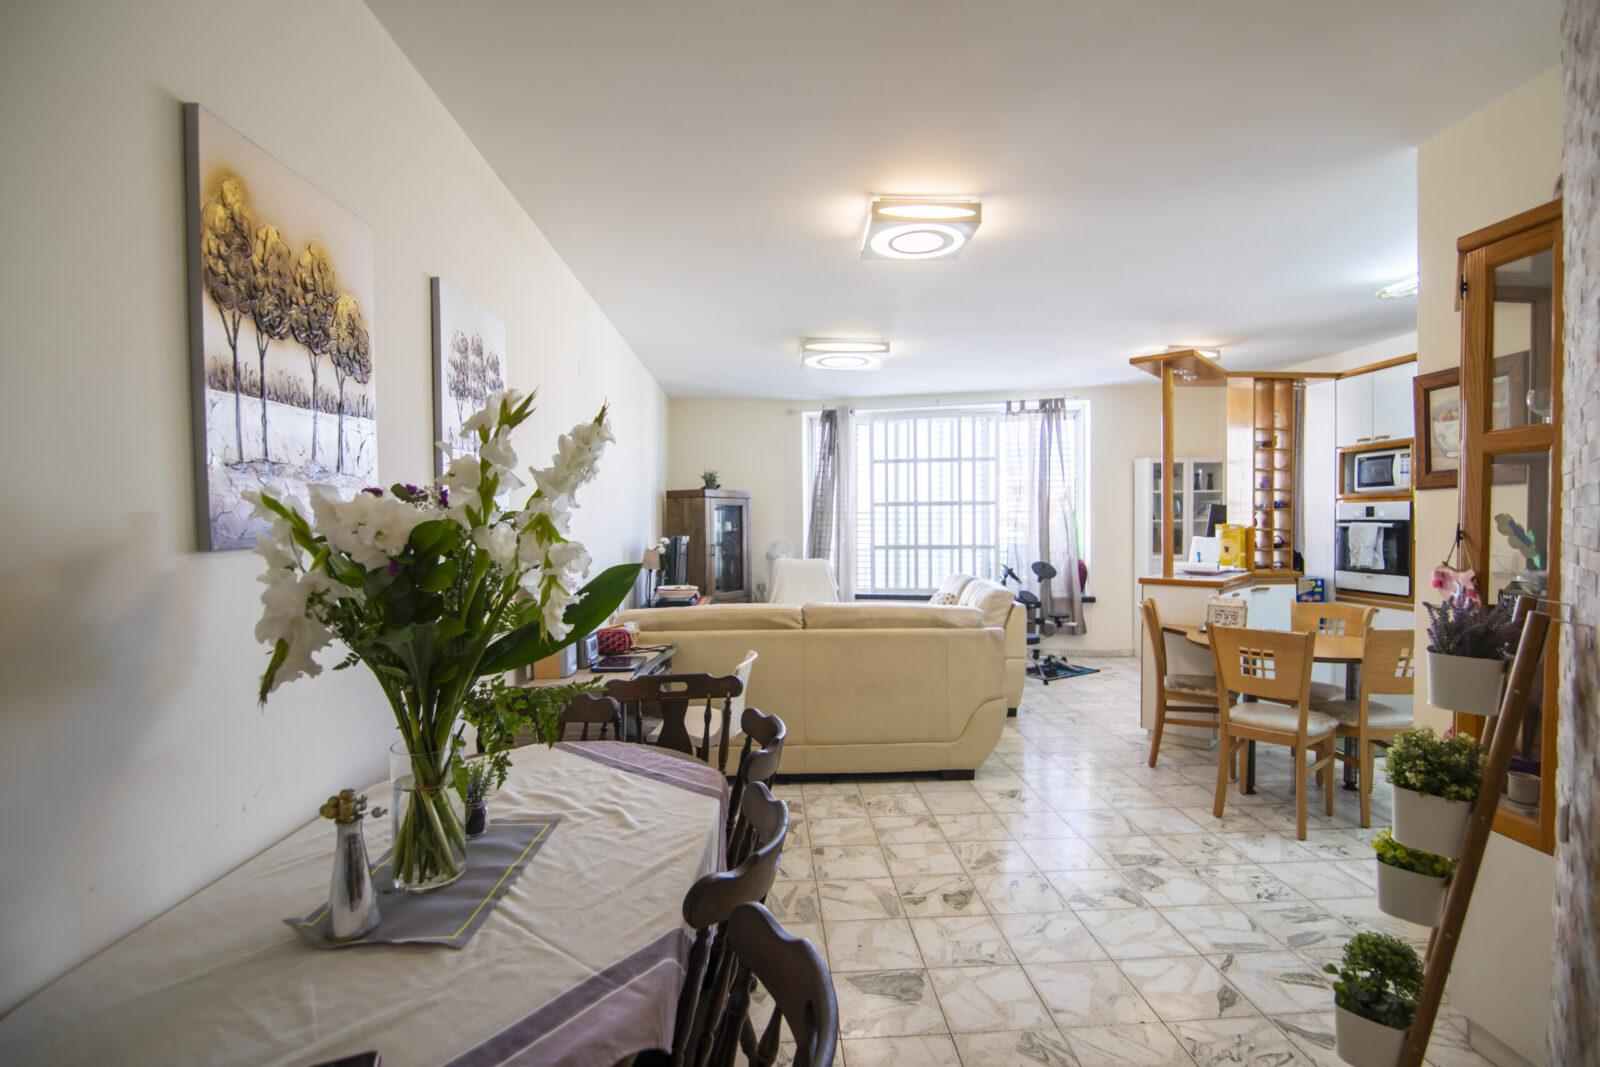 דירת 4 חדרים מתוכננת היטב באיזור טוב בקריית חיים